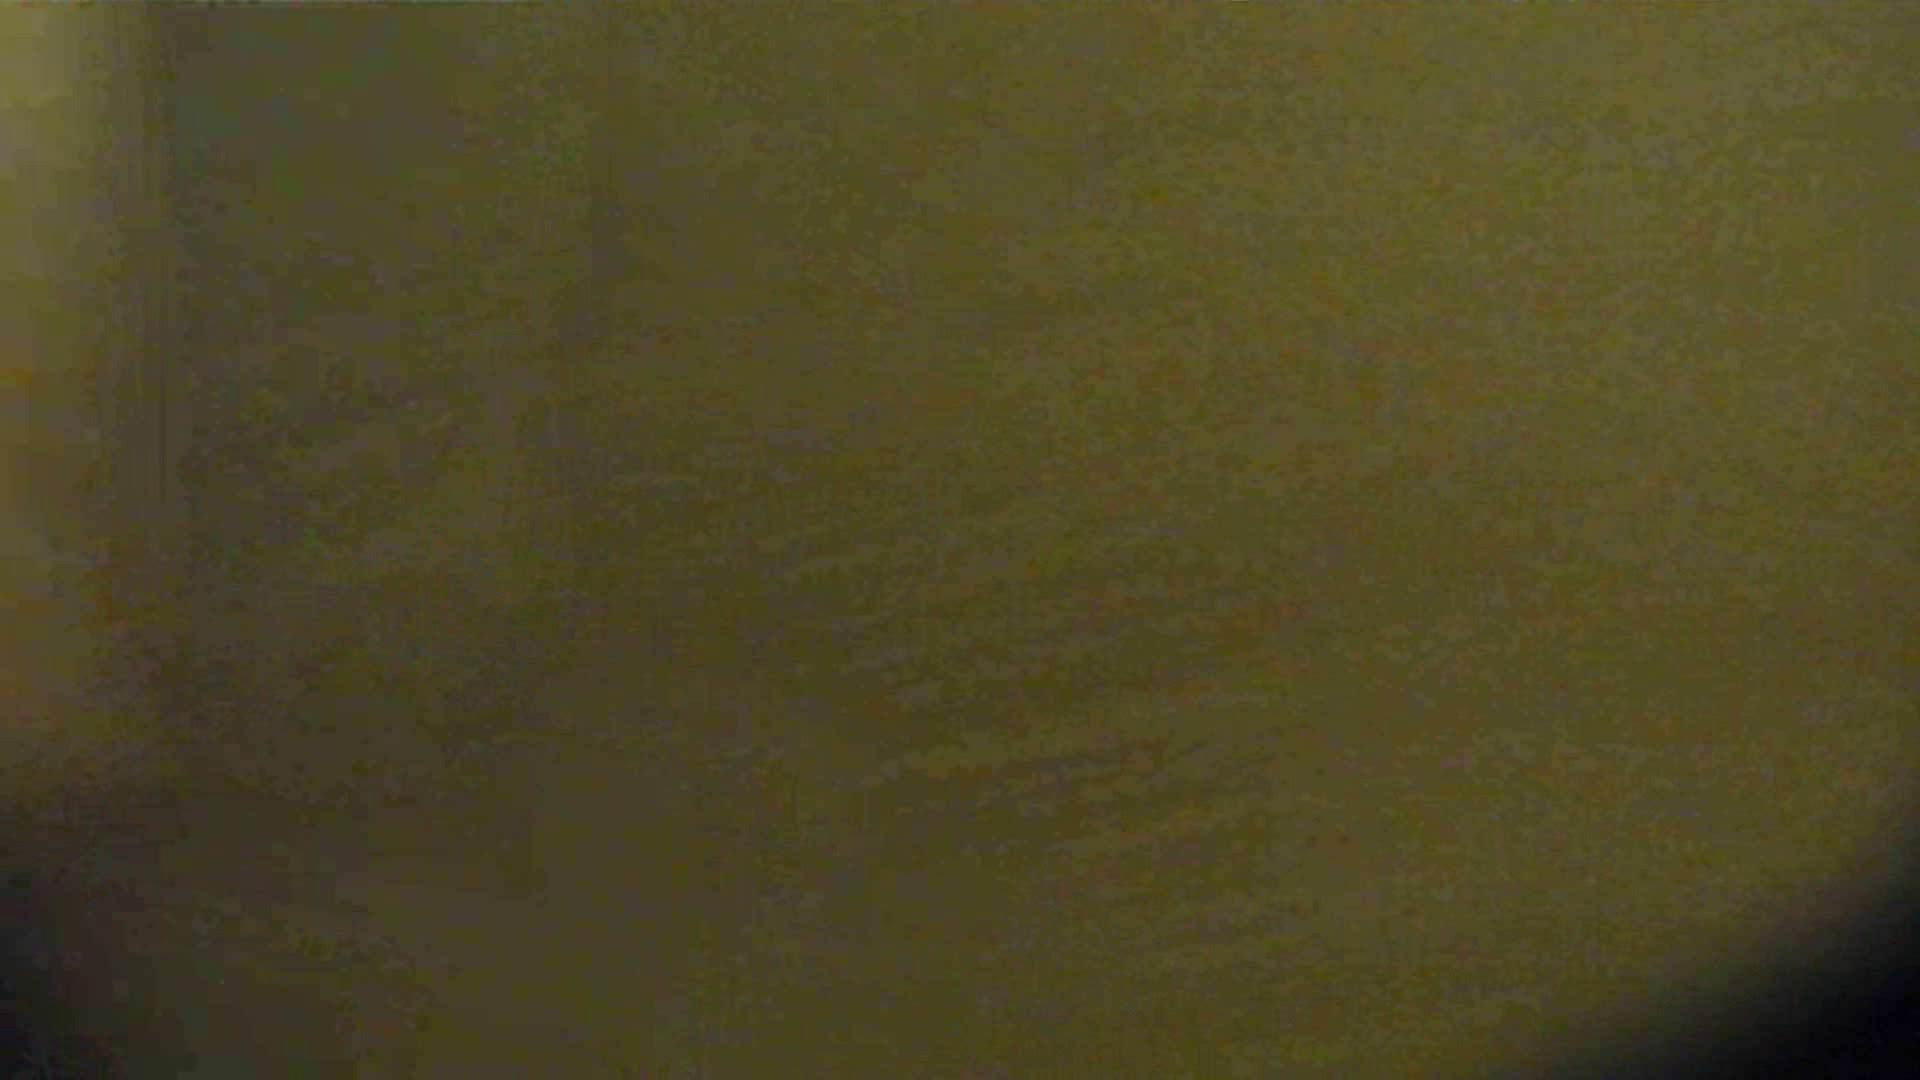 阿国ちゃんの「和式洋式七変化」No.12 和式 | 洗面所着替え  101連発 100